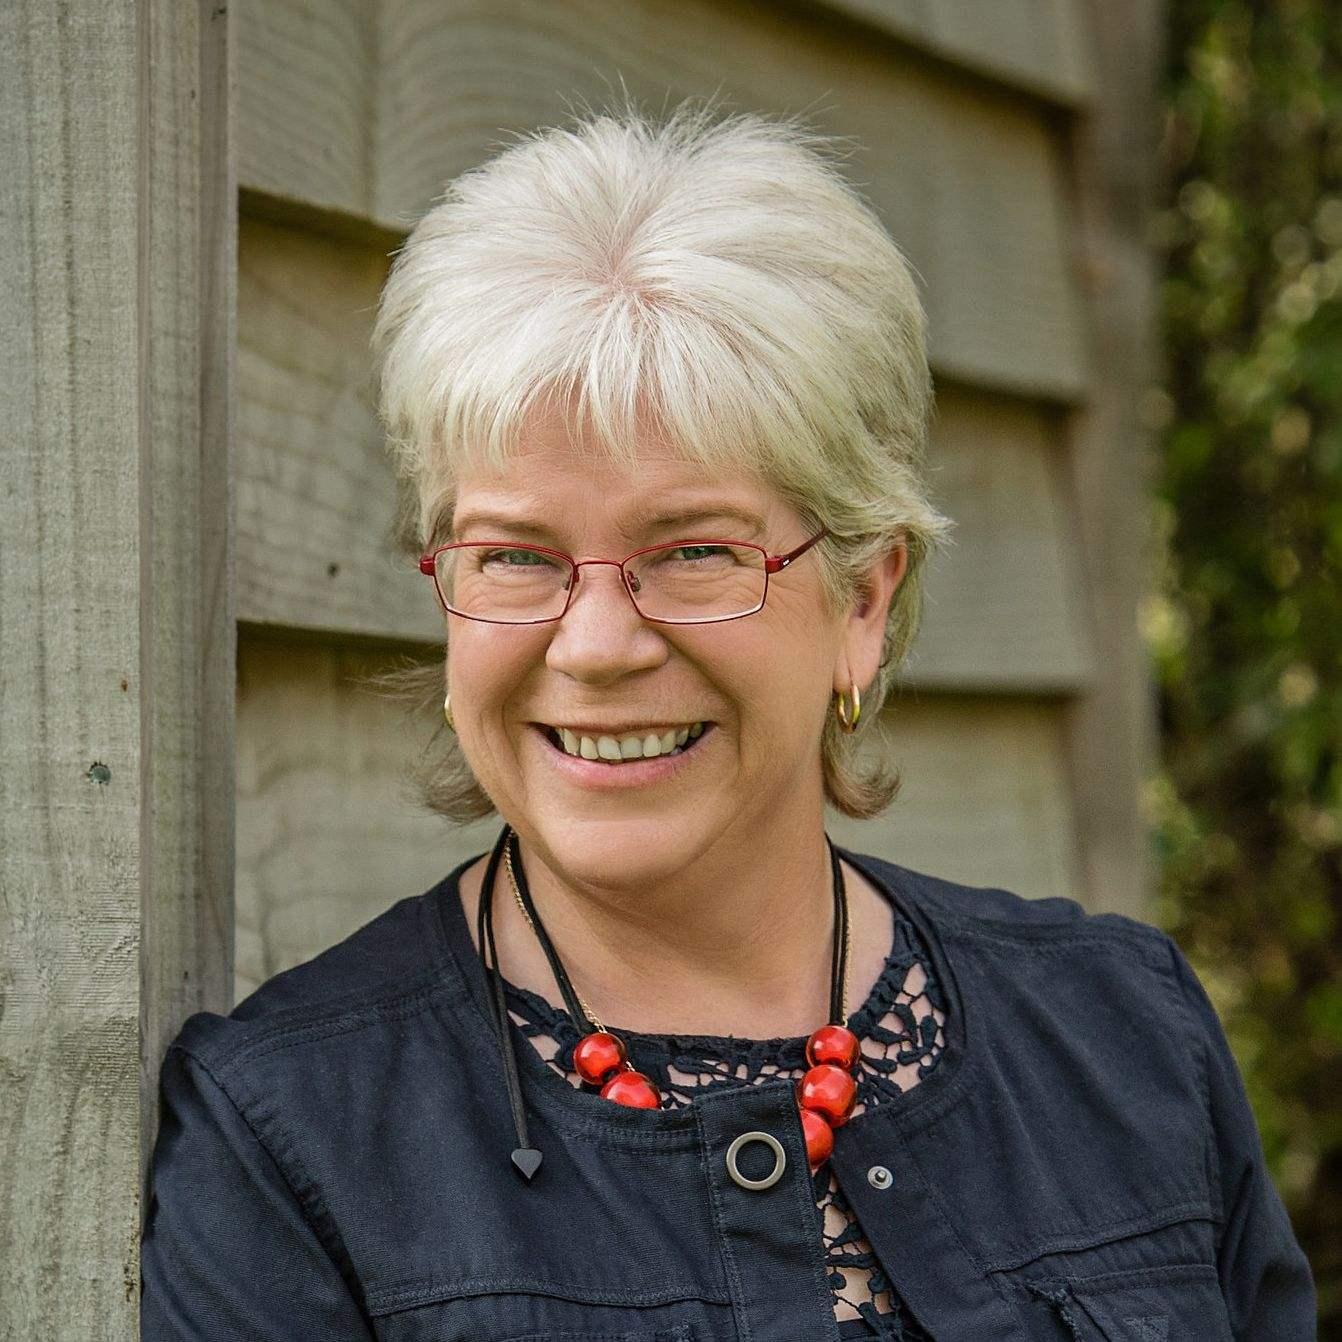 Anne-Marie Durkin